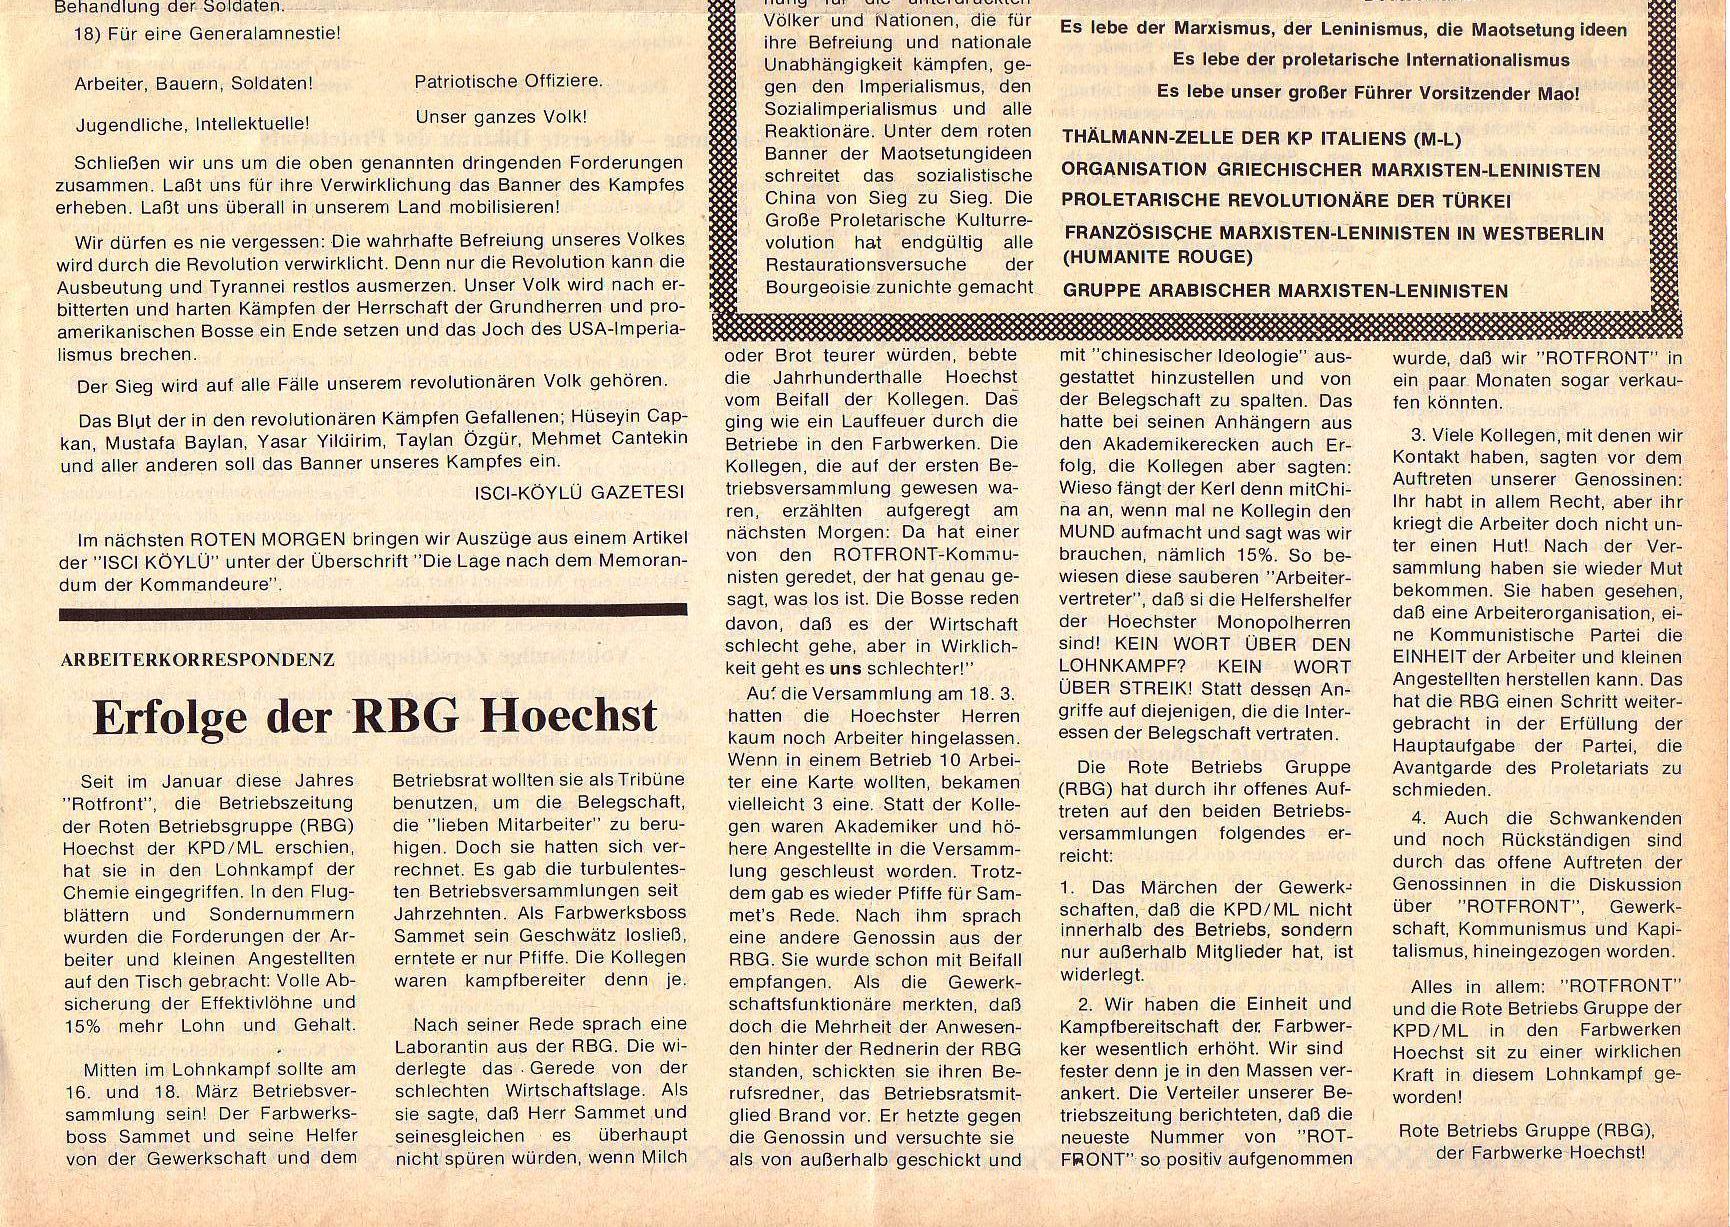 Roter Morgen, 5. Jg., April 1971, Nr. 4, Seite 9b